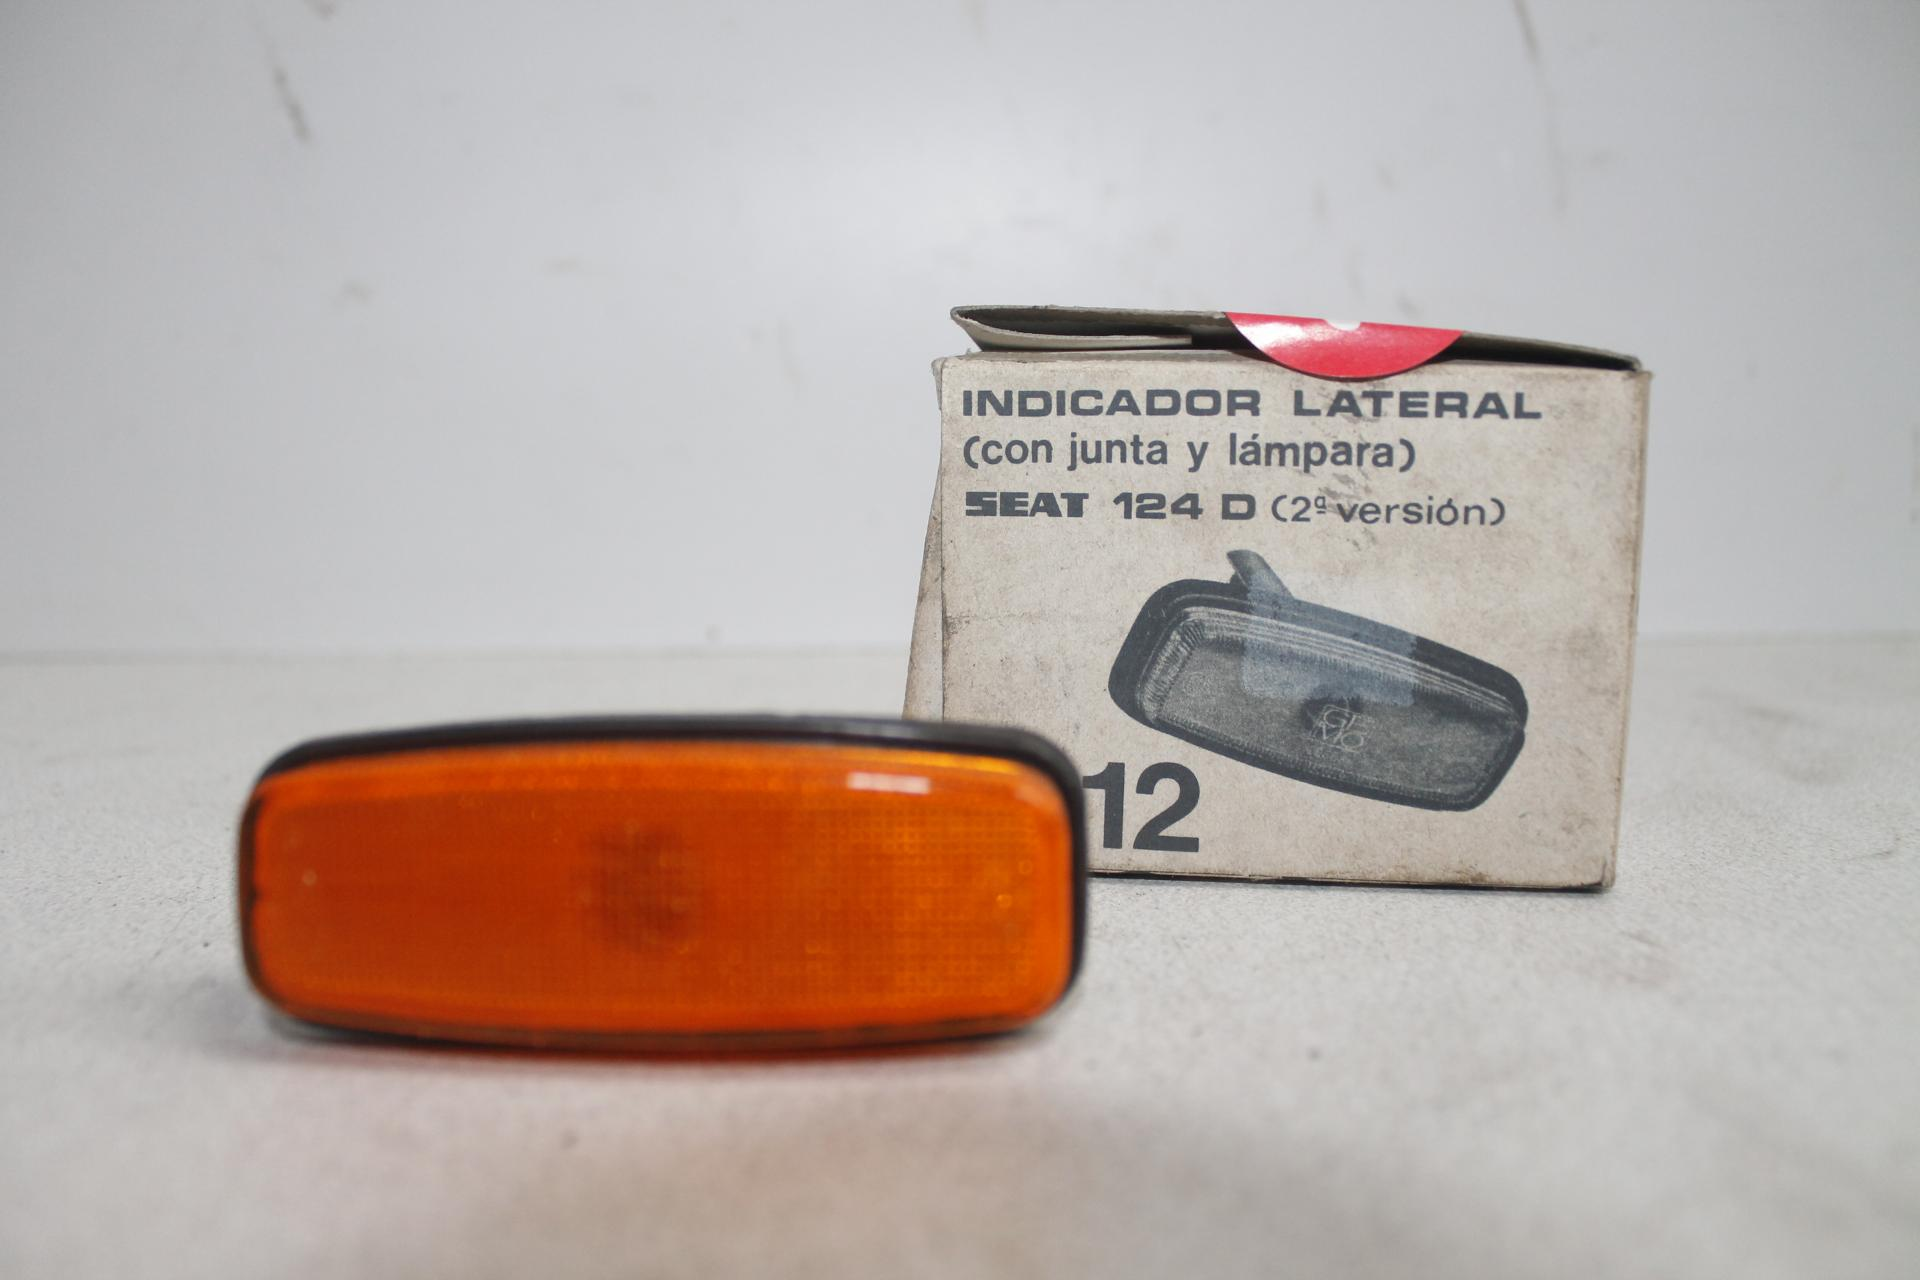 Indicador lateral Seat 124D (2ª versión)